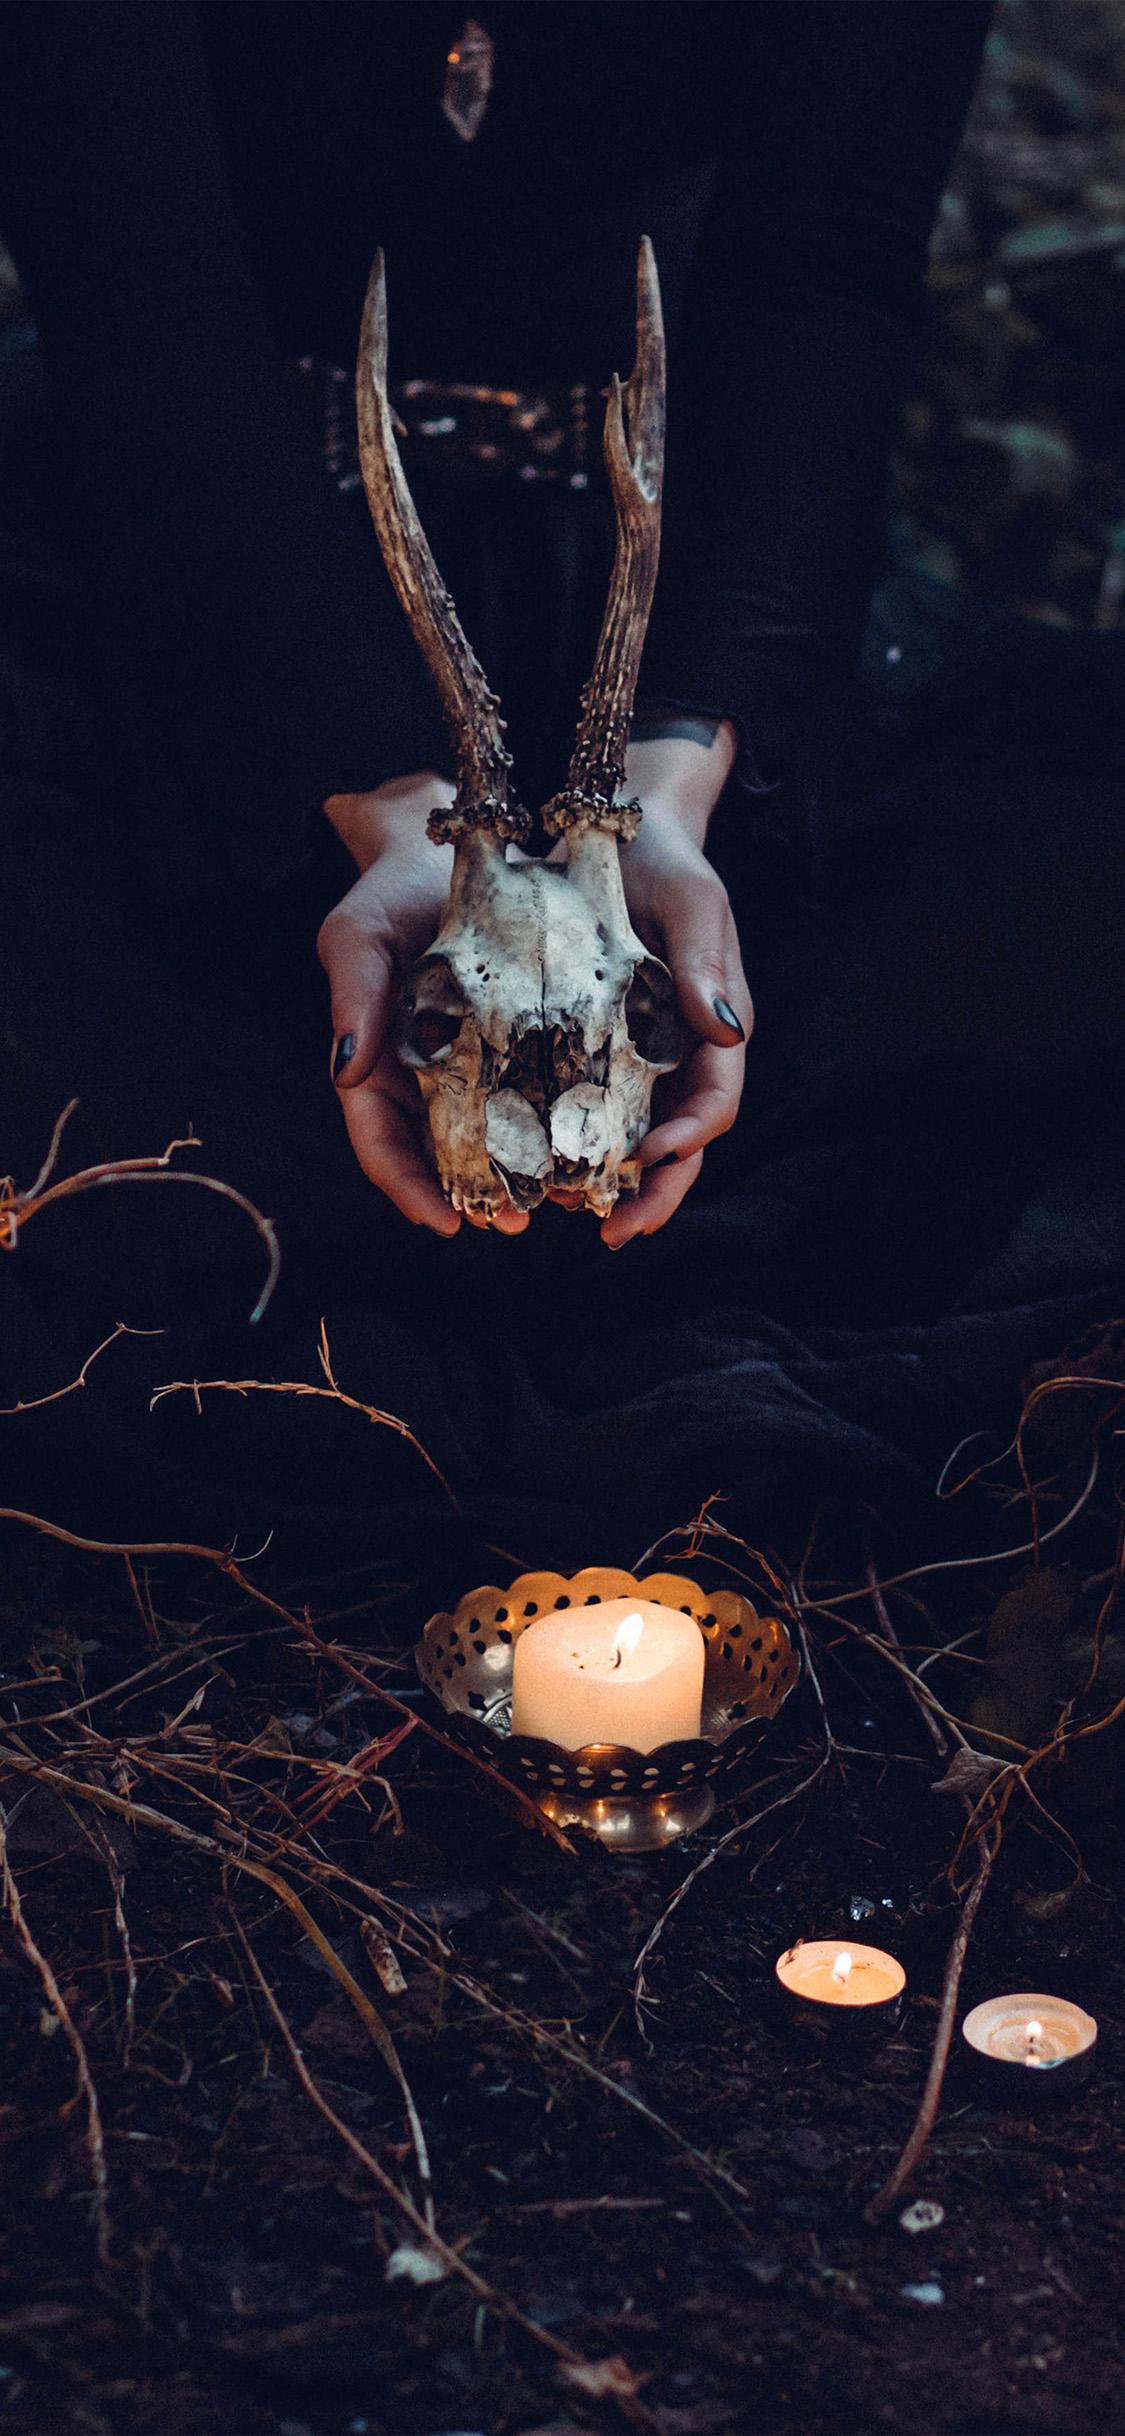 Iphonexpapers Com Iphone X Wallpaper Nw17 Halloween Pumpkin Skull Dark Nature